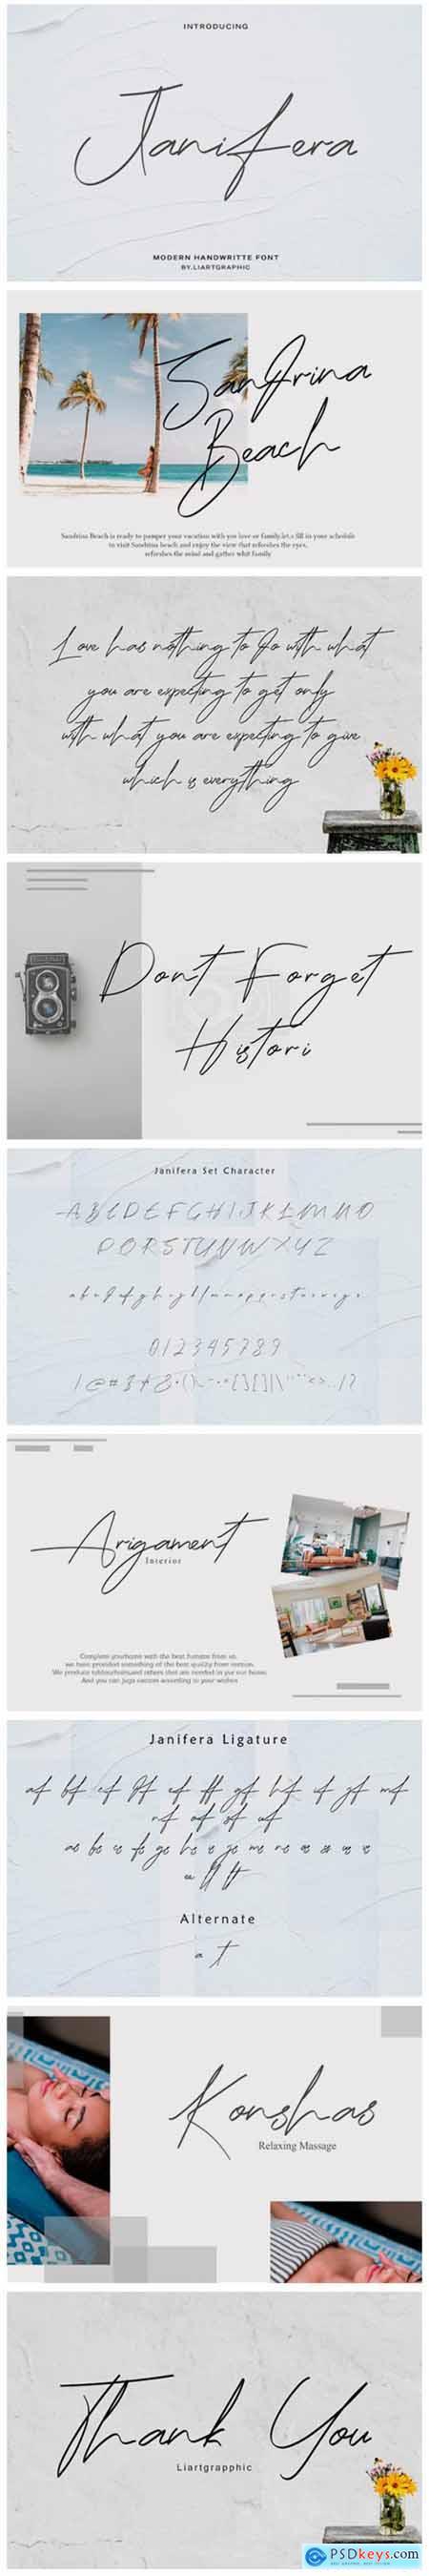 Janifera Font